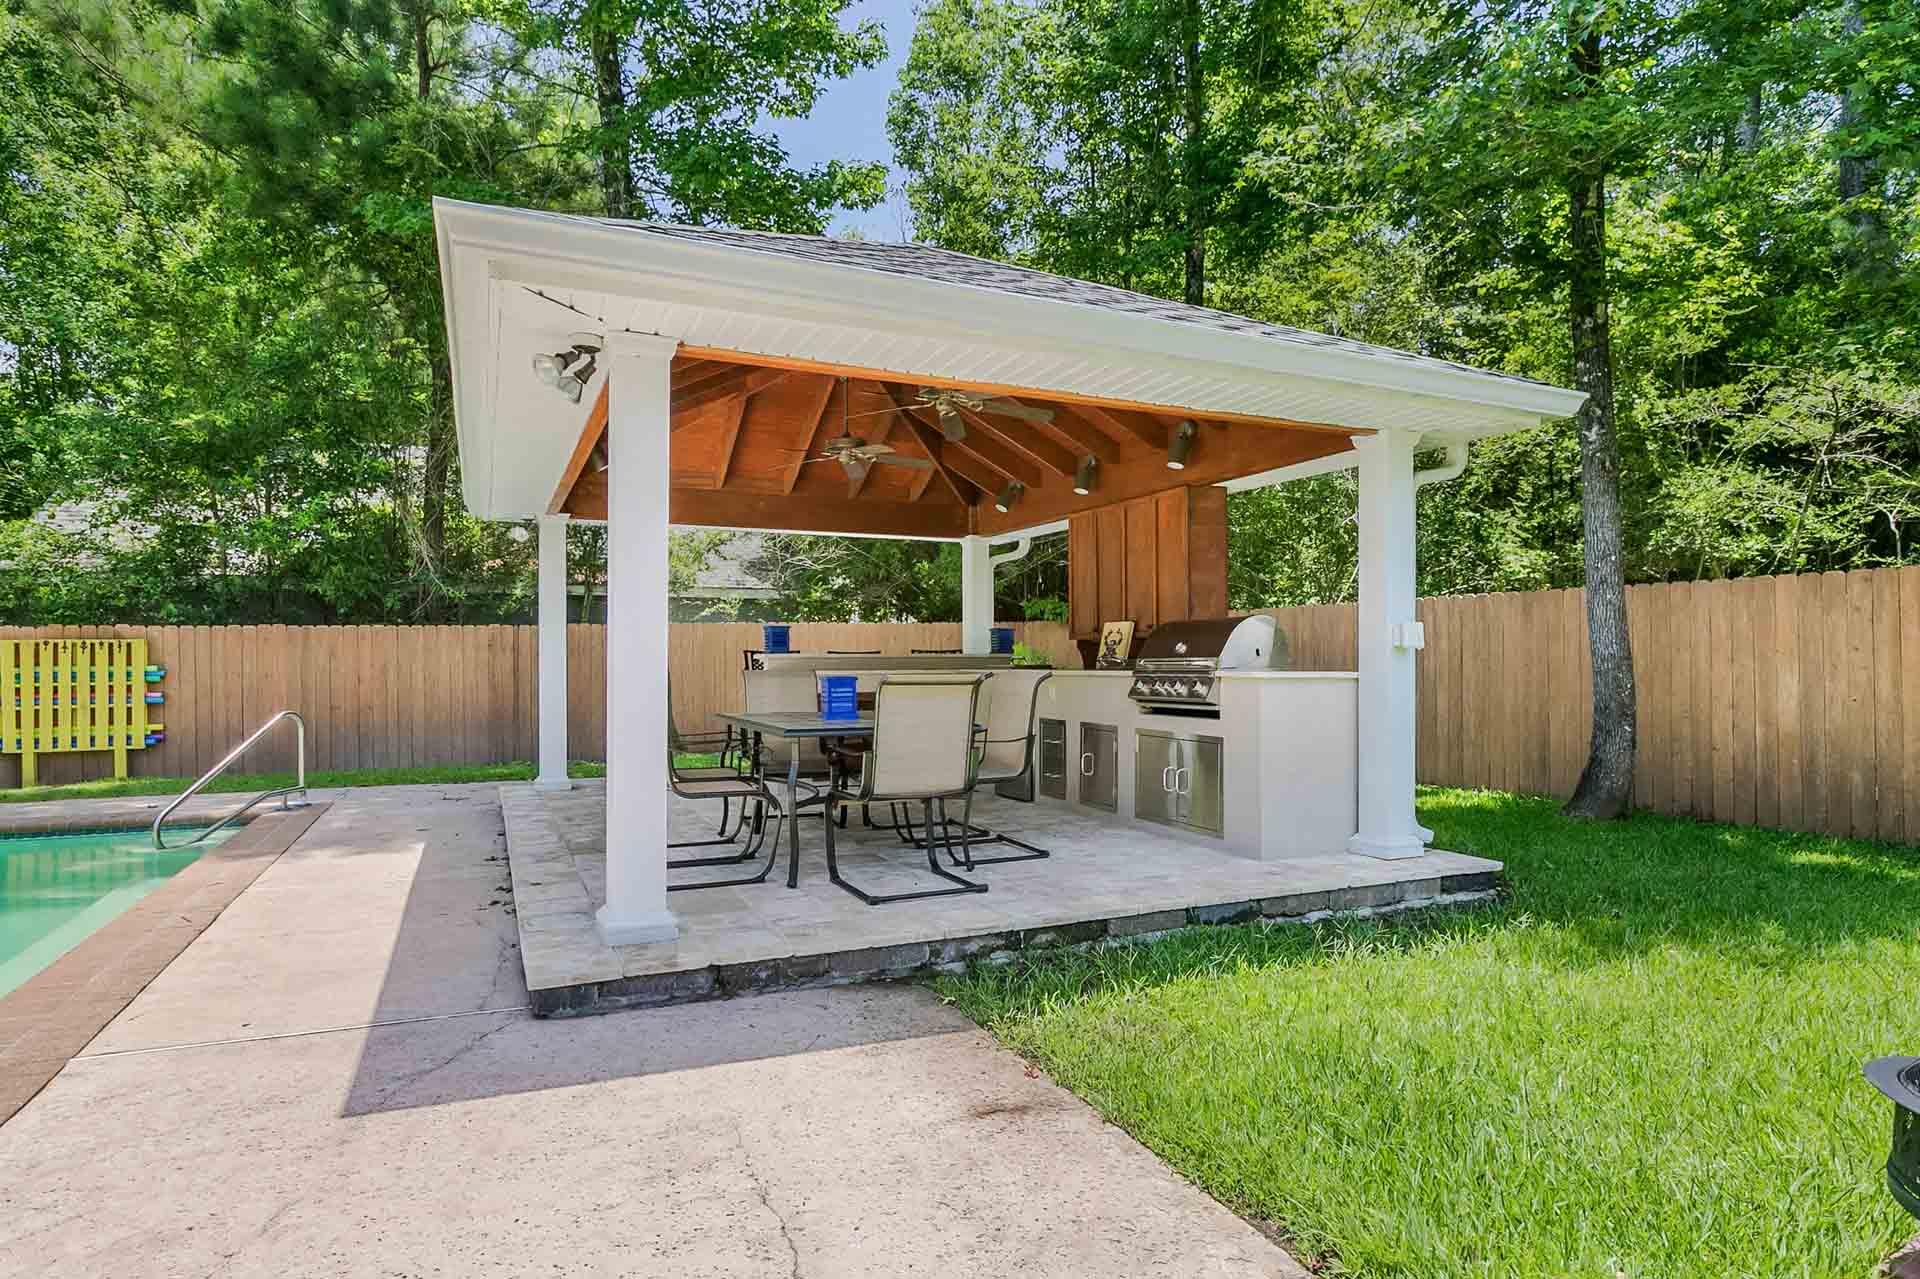 Backyard Pavillion pavilions | new orleans garden pavilions | custom outdoor concepts